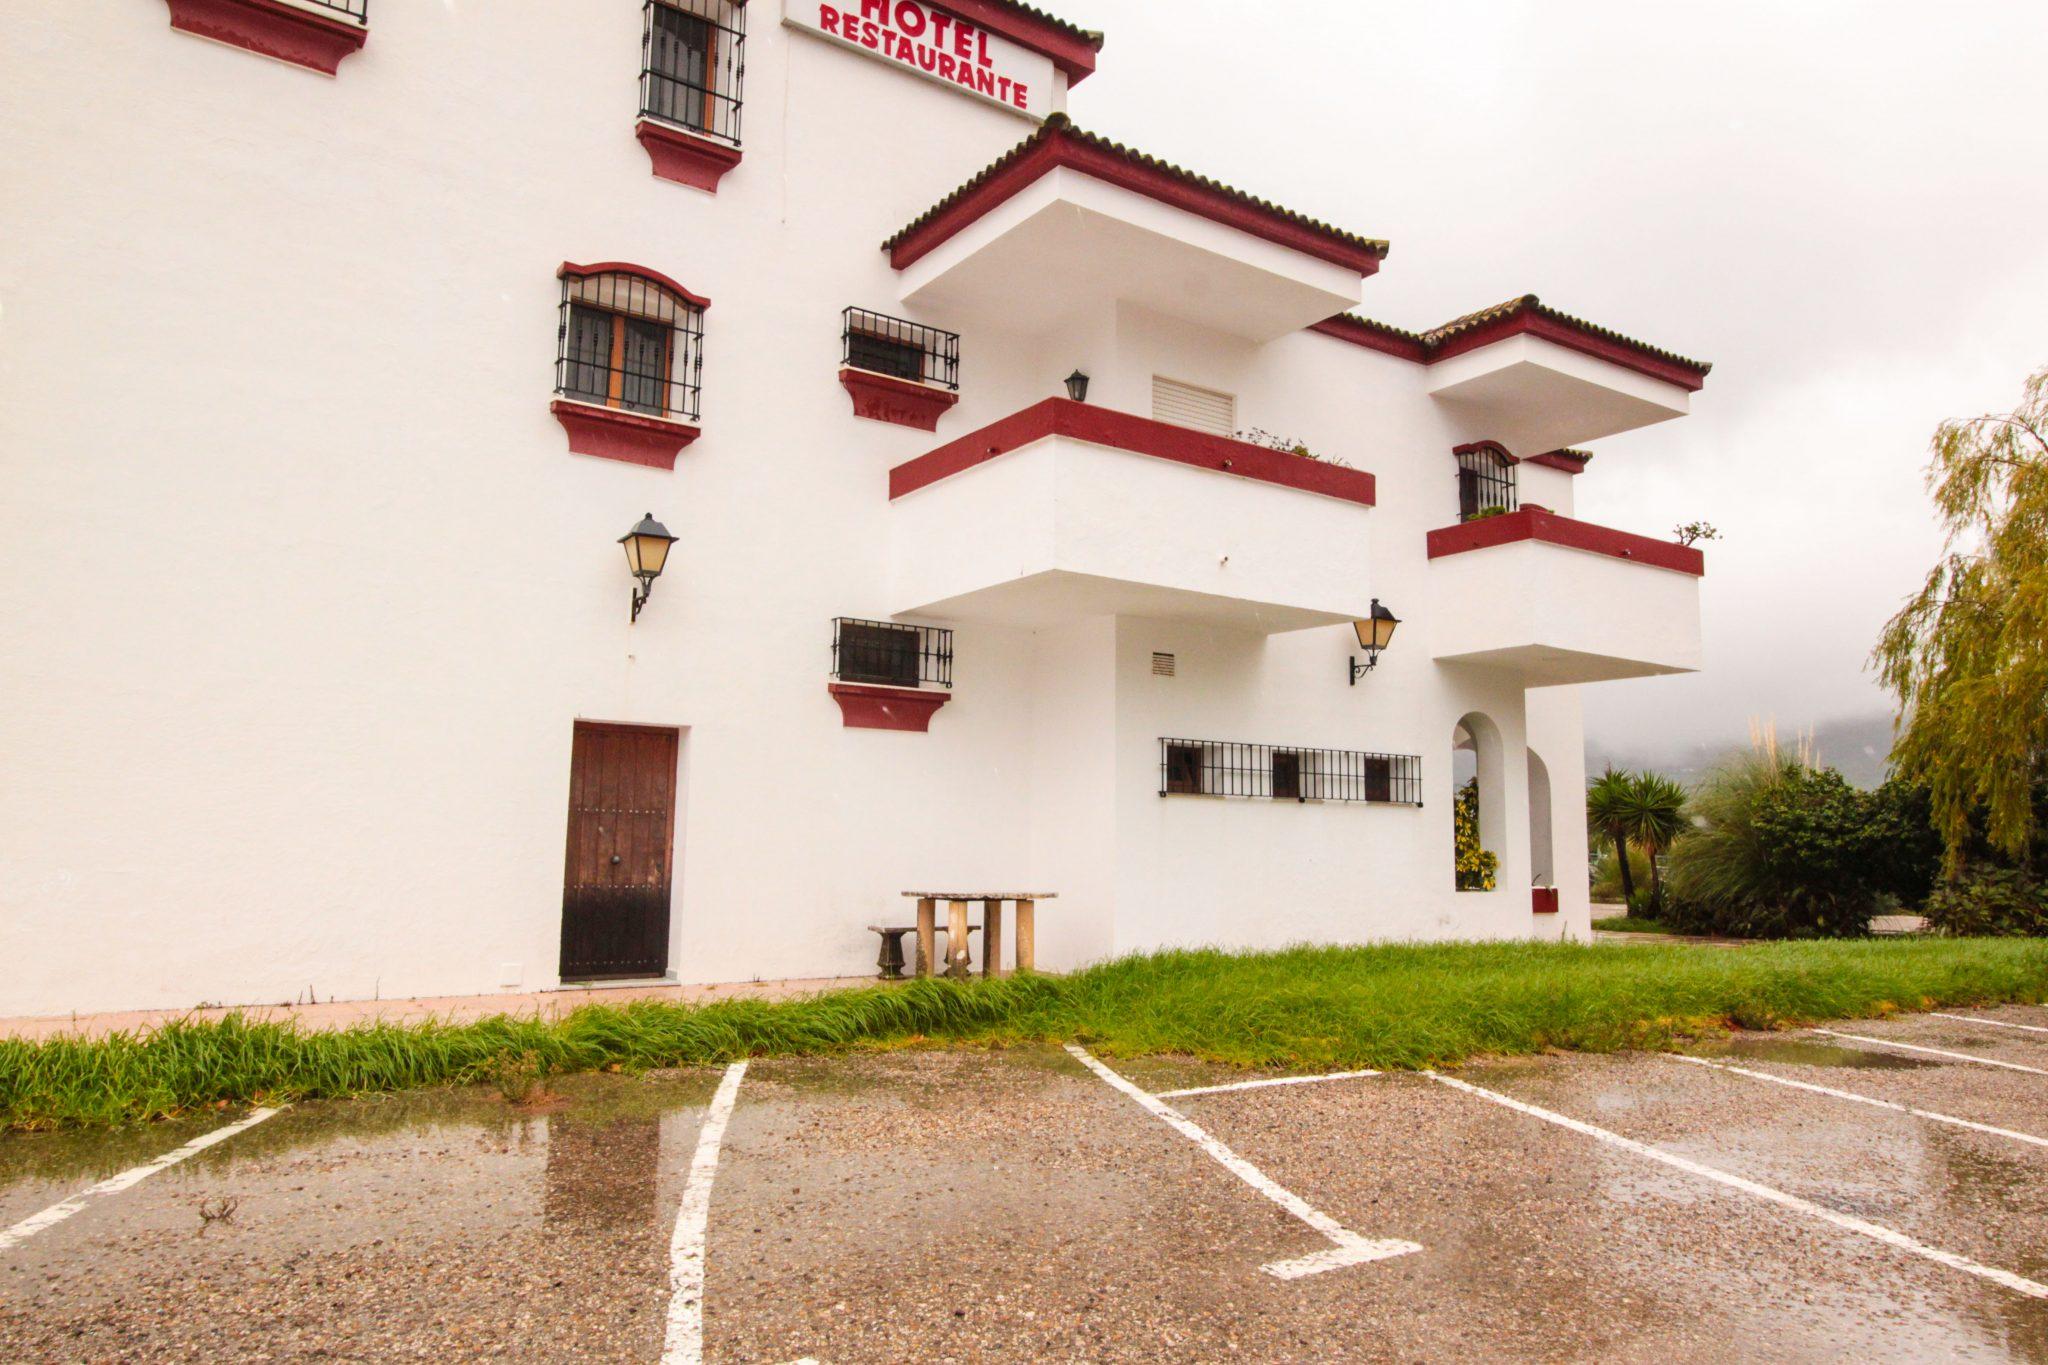 Hotel en Venta – Tarifa – Cádiz – Andalucía